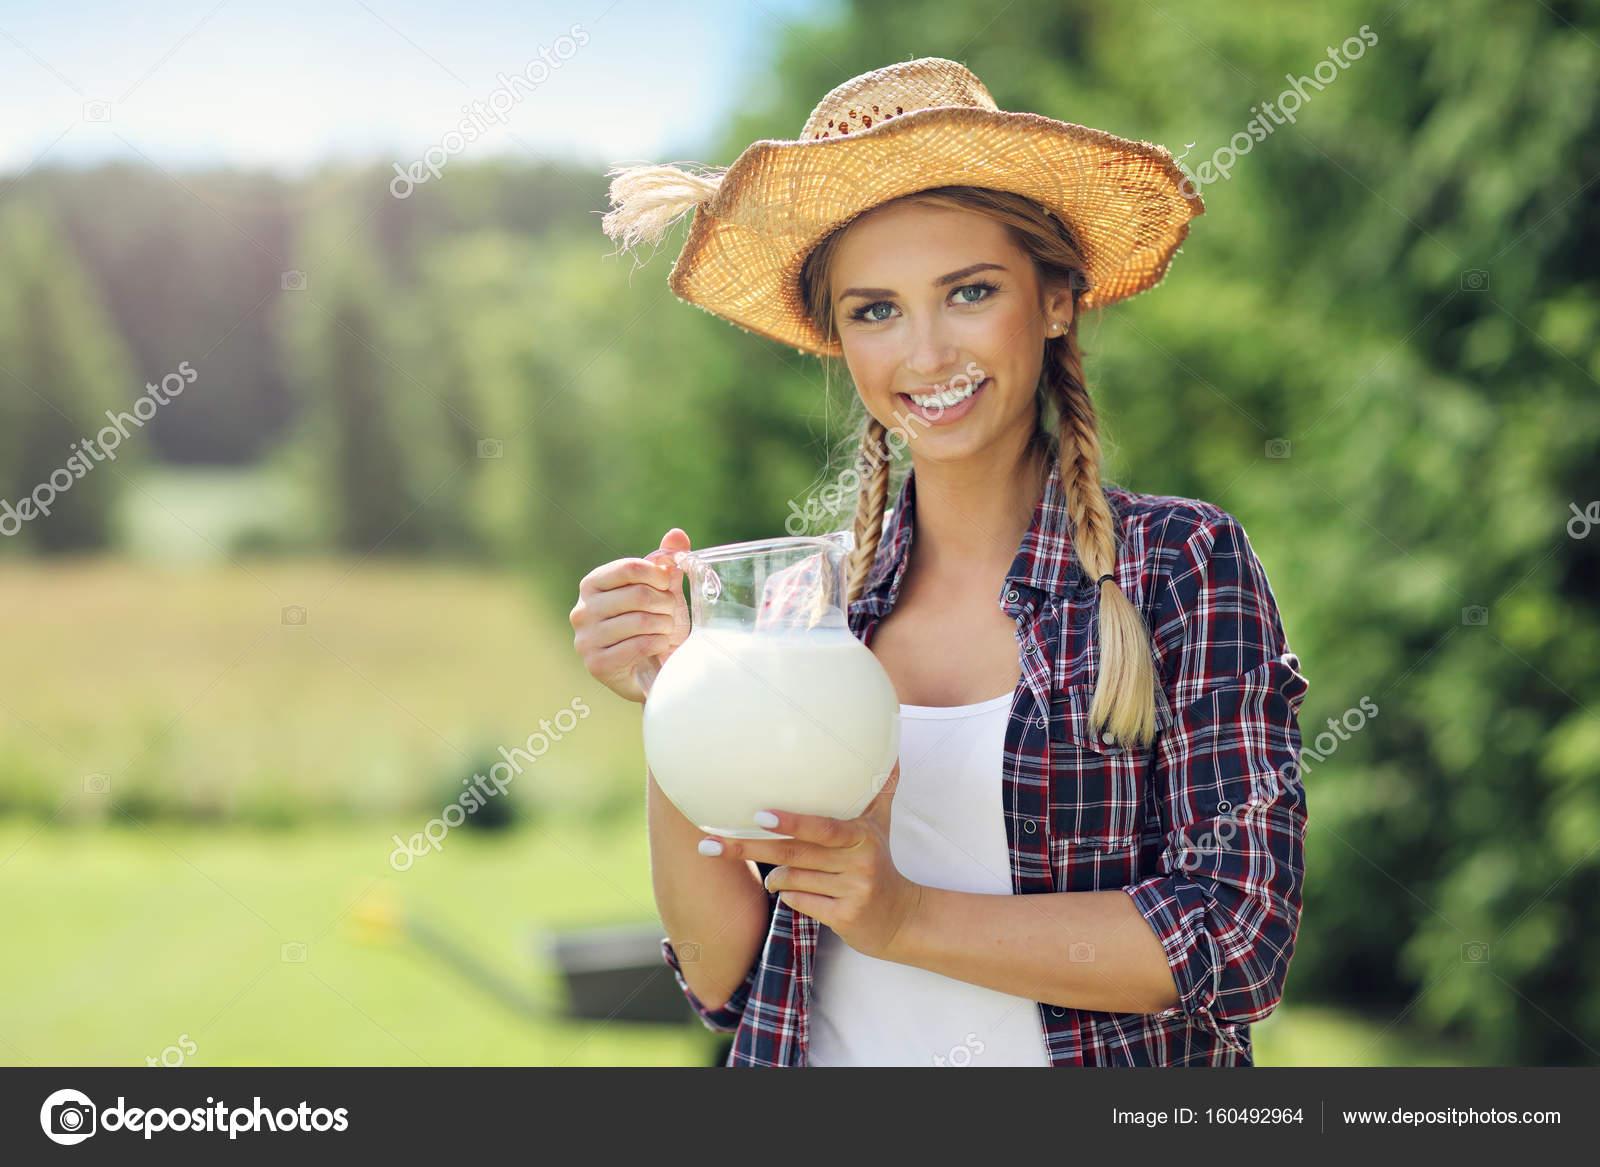 Girls young farm 'Farm Girl